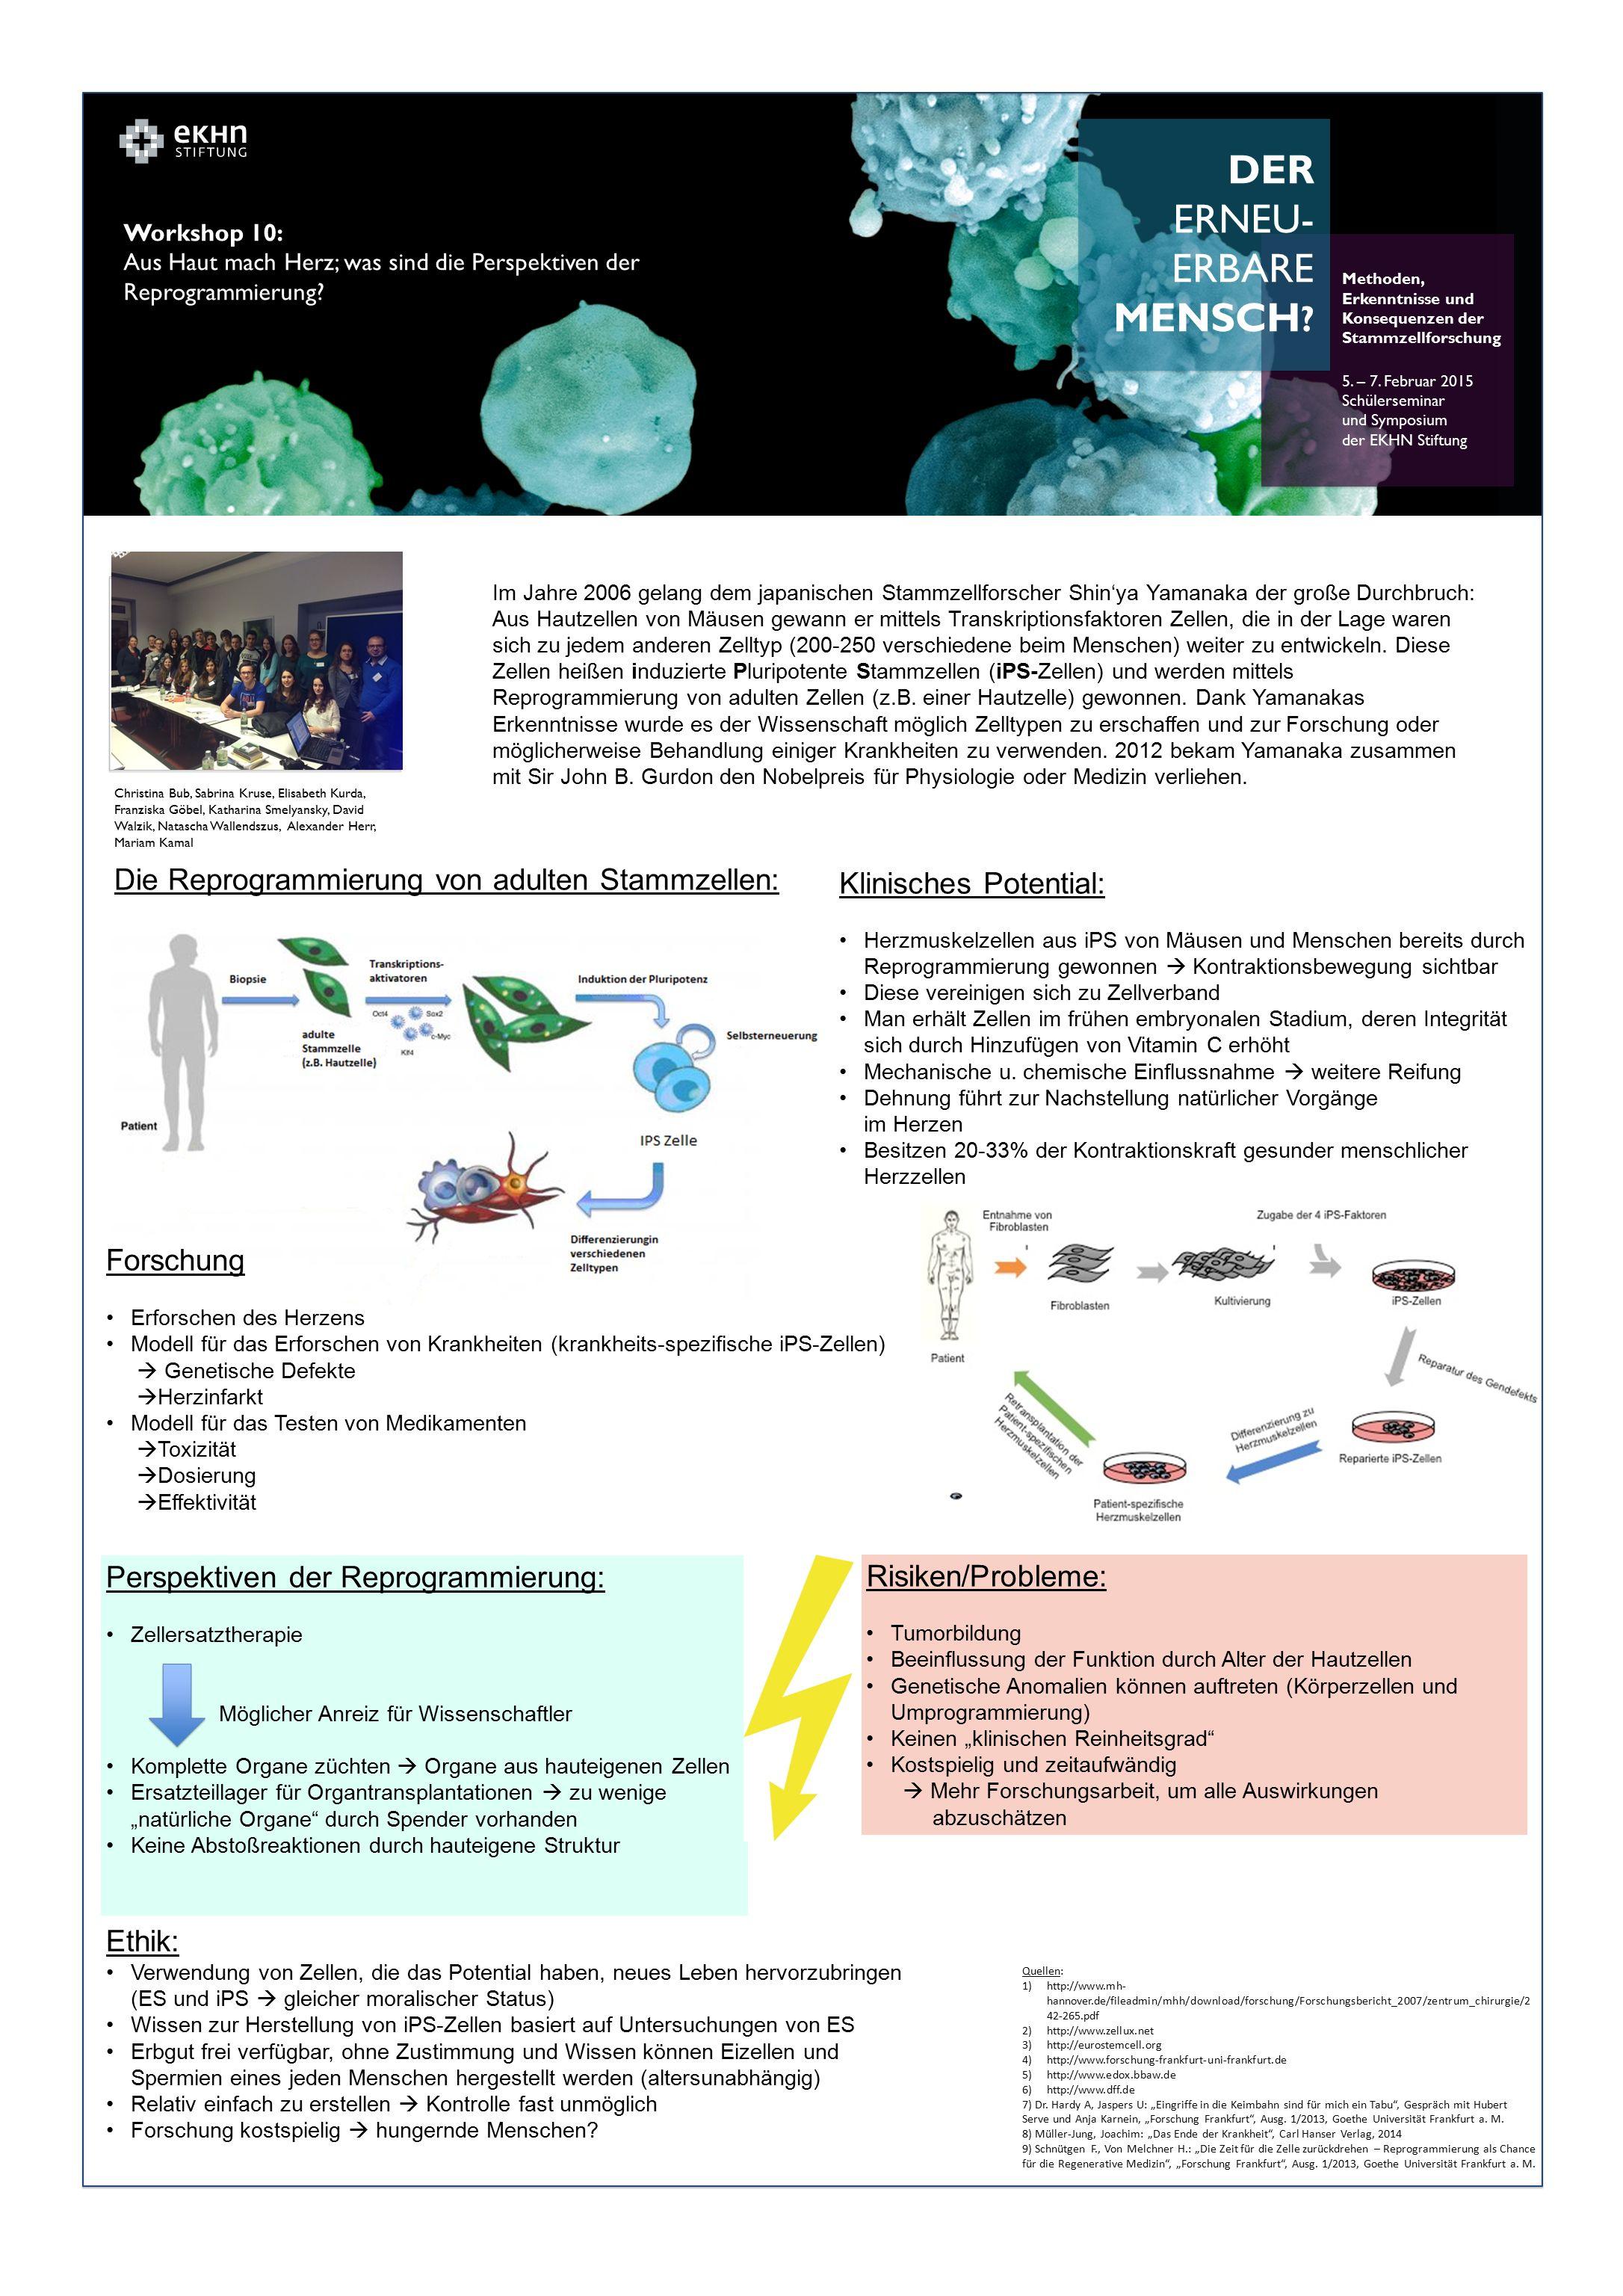 DER ERNEU- ERBARE MENSCH ? Methoden, Erkenntnisse und Konsequenzen der Stammzellforschung 5. – 7. Februar 2015 Schülerseminar und Symposium der EKHN S